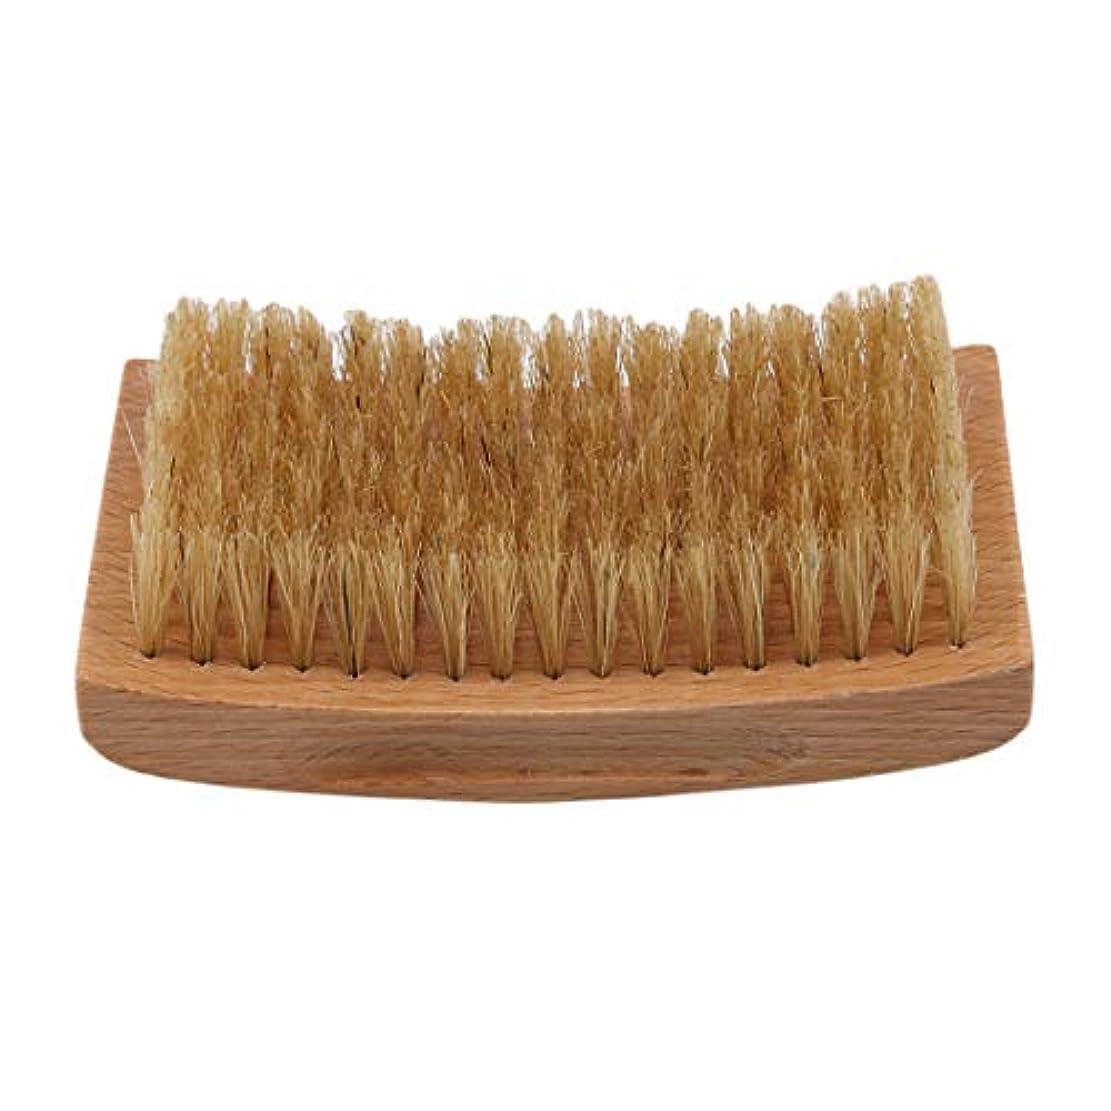 コンパイル持っているベックスKLUMA ひげブラシ シェービングブラシ 理容 洗顔 髭剃り 泡立ち 洗顔ブラシ 1#